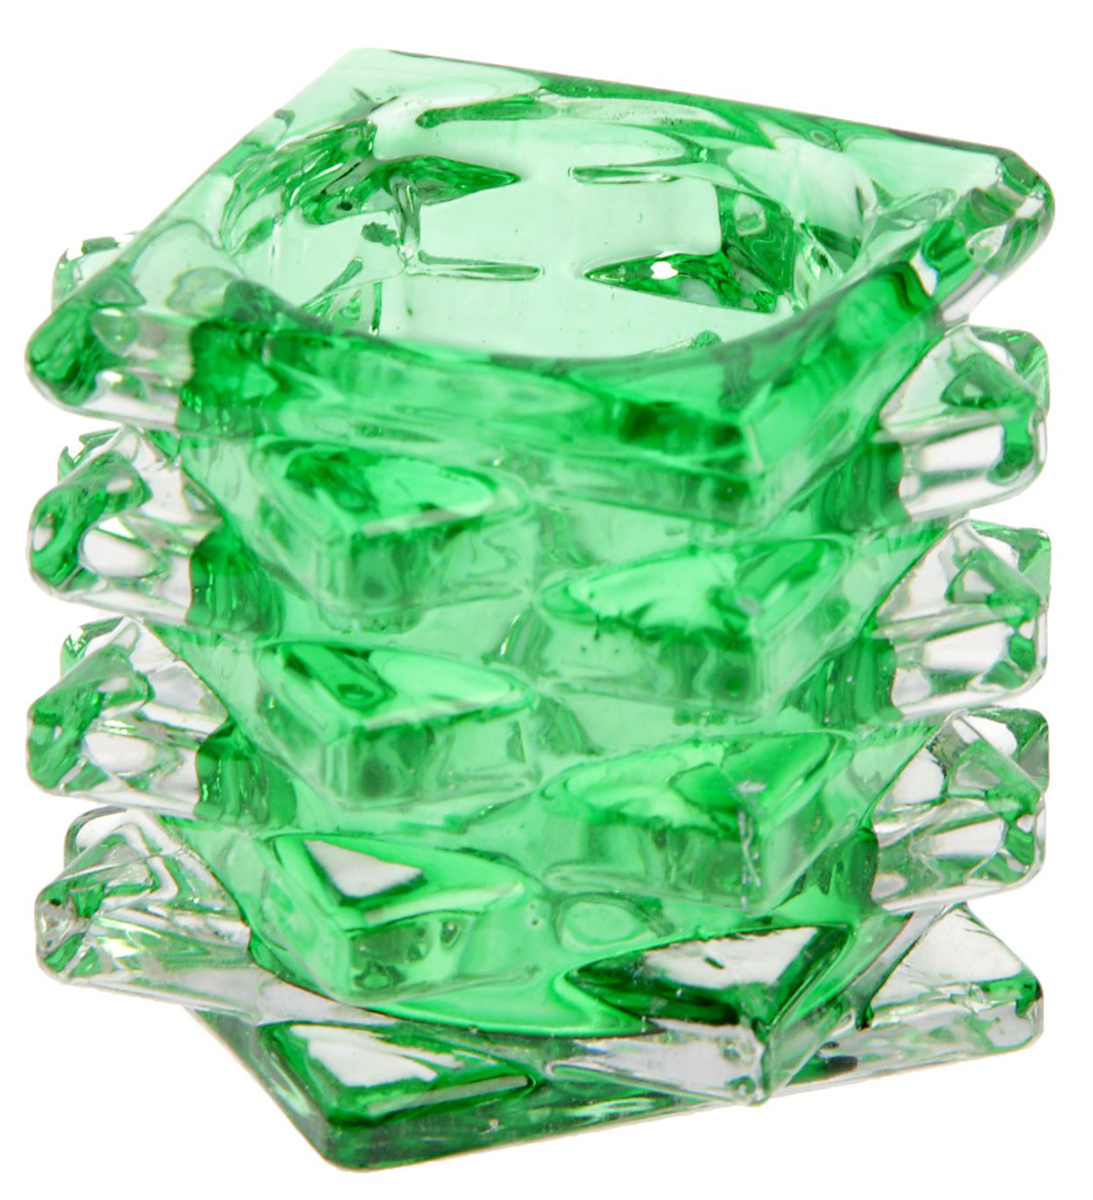 Подсвечник Пятый элемент, цвет: прозрачный, зеленый, 7 х 7 х 5 см1653715Современные производители в изготовлении подсвечников чаще используют цветное стекло. Стекло самое нетребовательное в уходе, изделие из него достаточно промыть в теплой воде с добавлением моющего средства. Стеклянный подсвечник чаще имеет форму стакана, используют его для размещения греющей свечи.